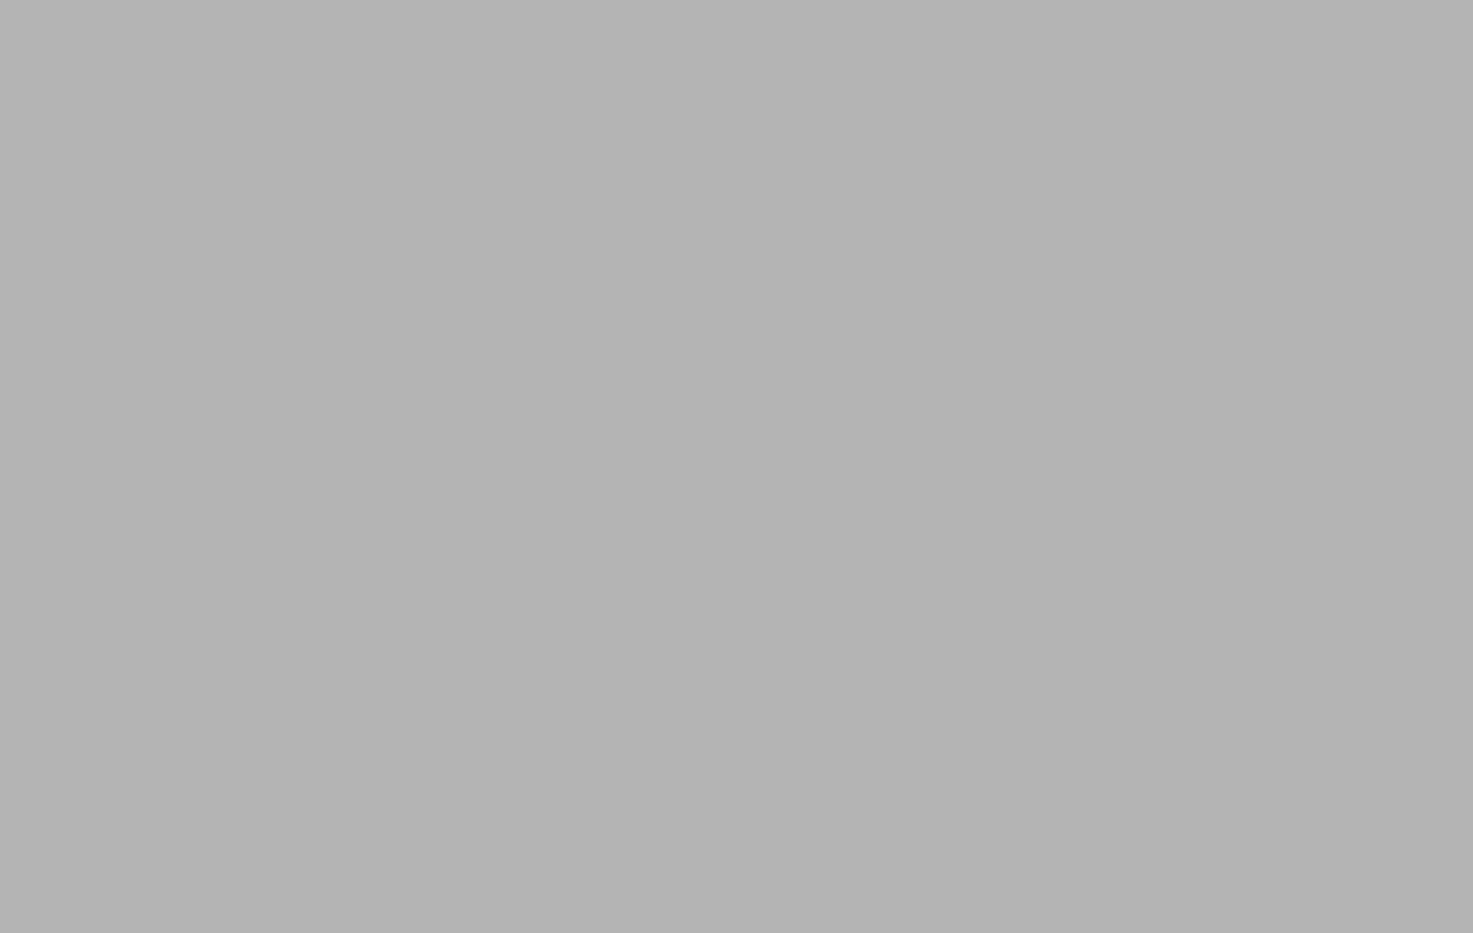 grigio 576